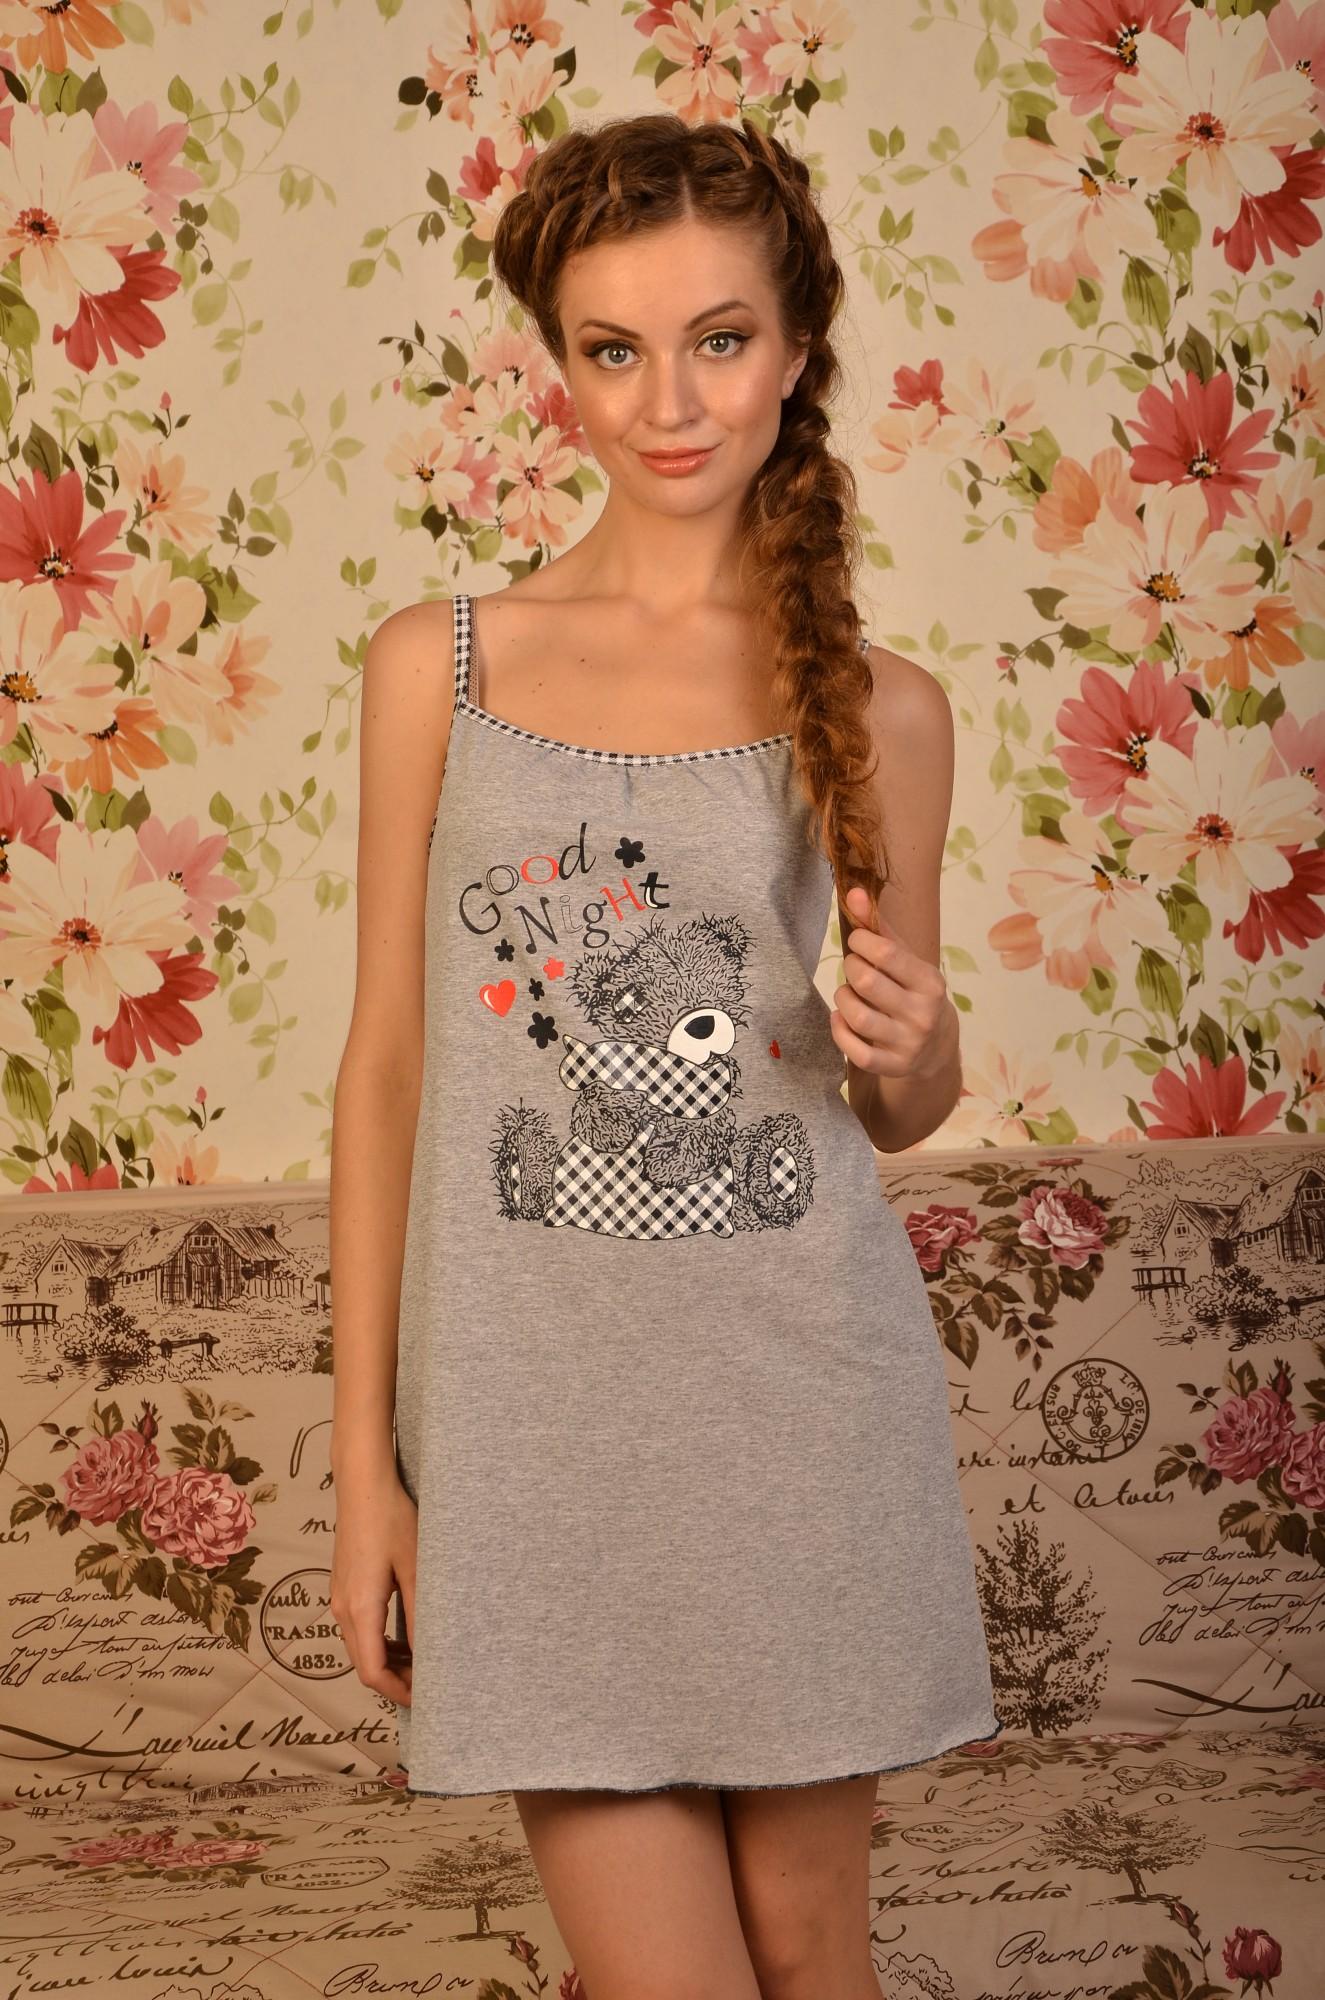 Сорочка женская на бретелях до колена с круглым вырезом с мишкой Тедди ИгрушкаДомашняя одежда<br><br><br>Размер: 44